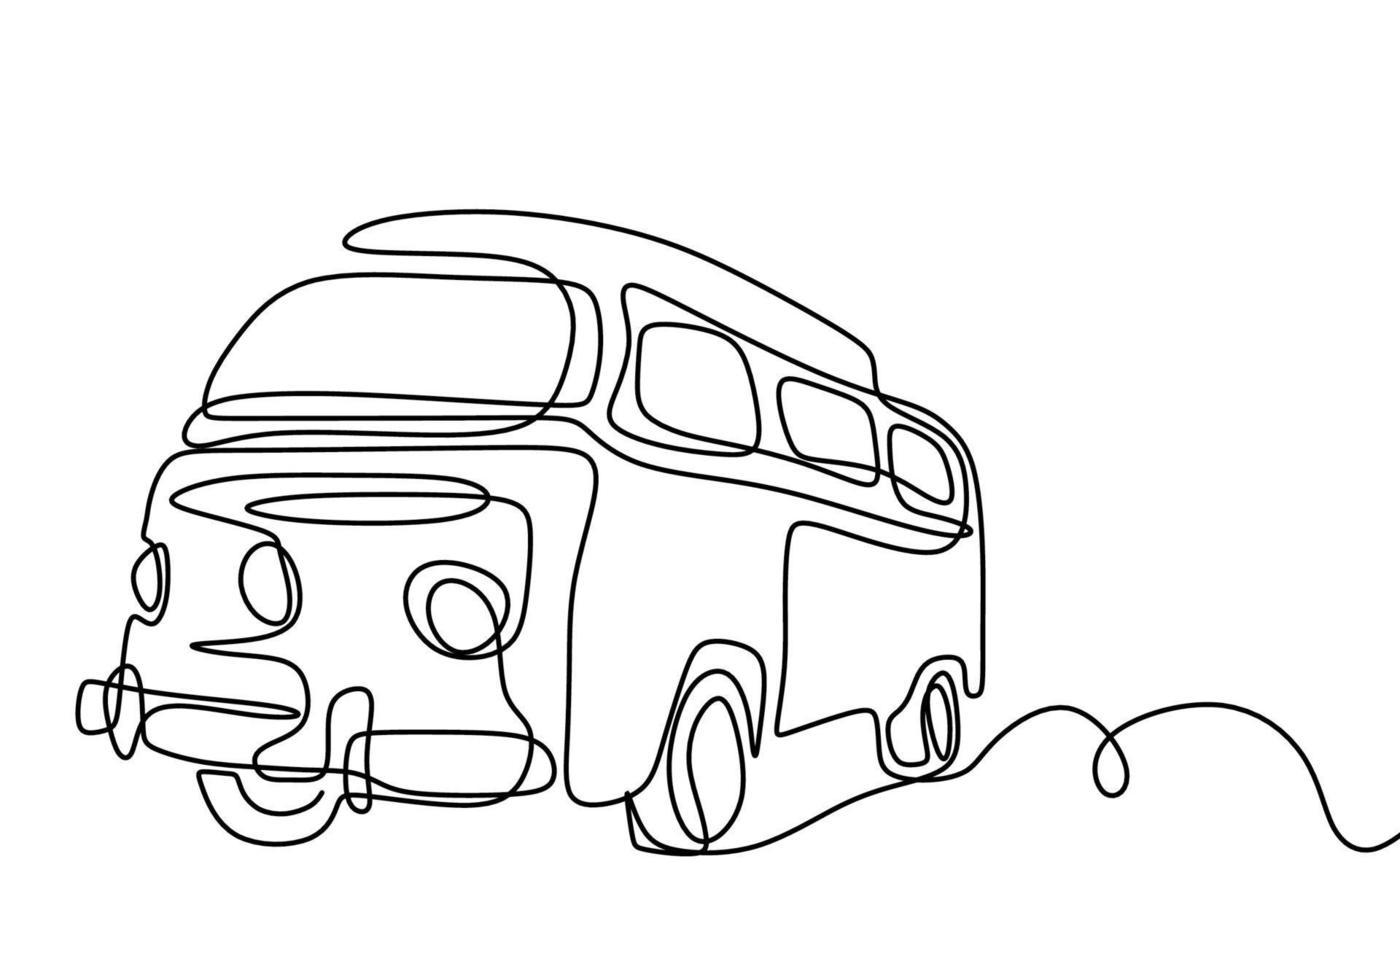 camper doorlopende lijntekening. een kampeerauto voor op reis geïsoleerd op een witte achtergrond. het concept van verhuizen in een camper, familiecamping, camping, caravan. vector illustratie